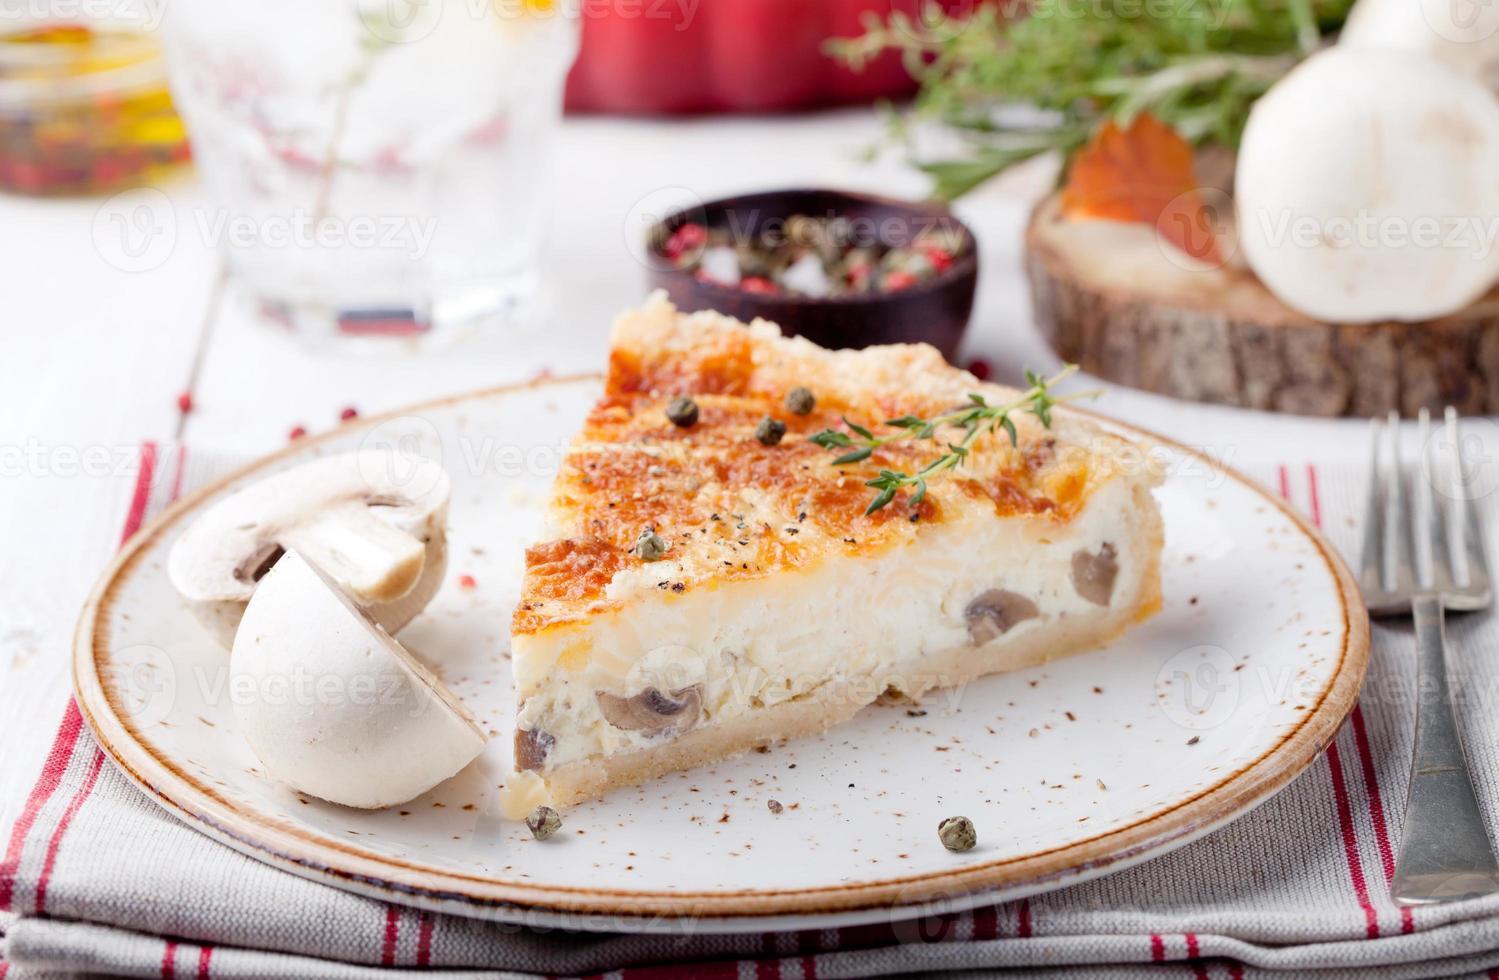 champignon, tarte au champignon, tranche de quiche sur une plaque en céramique photo